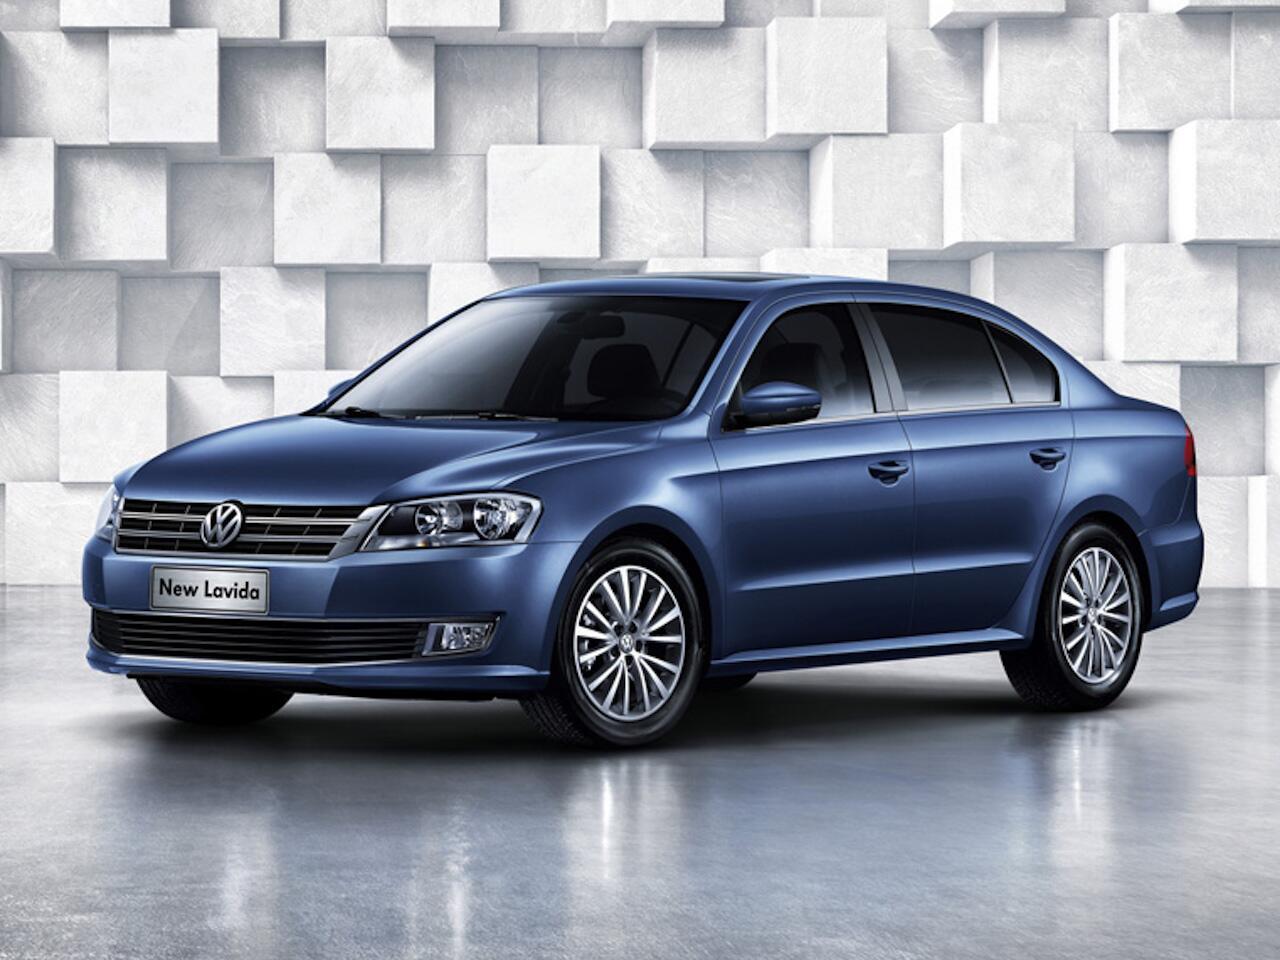 Bild zu Platz 15: VW Lavida